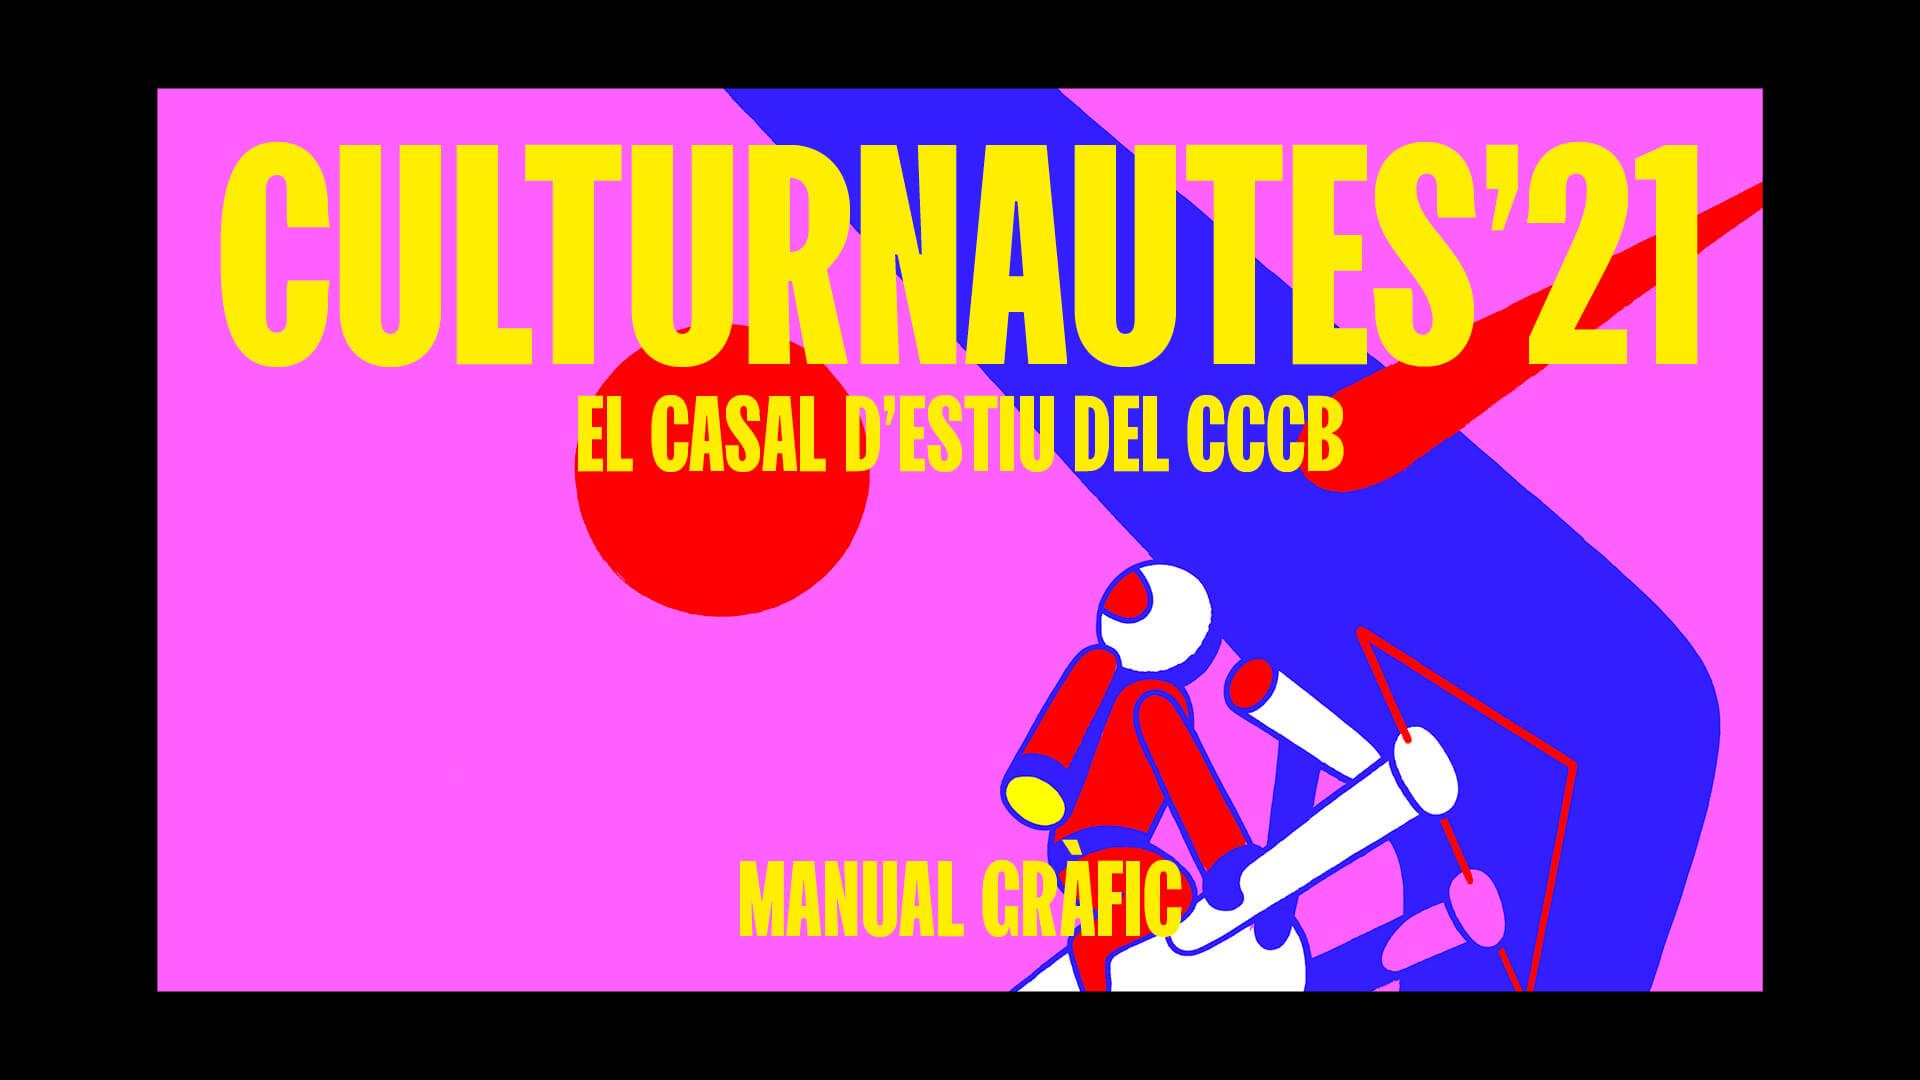 miguel-porlan-guirado-culturnautes-cccb-15